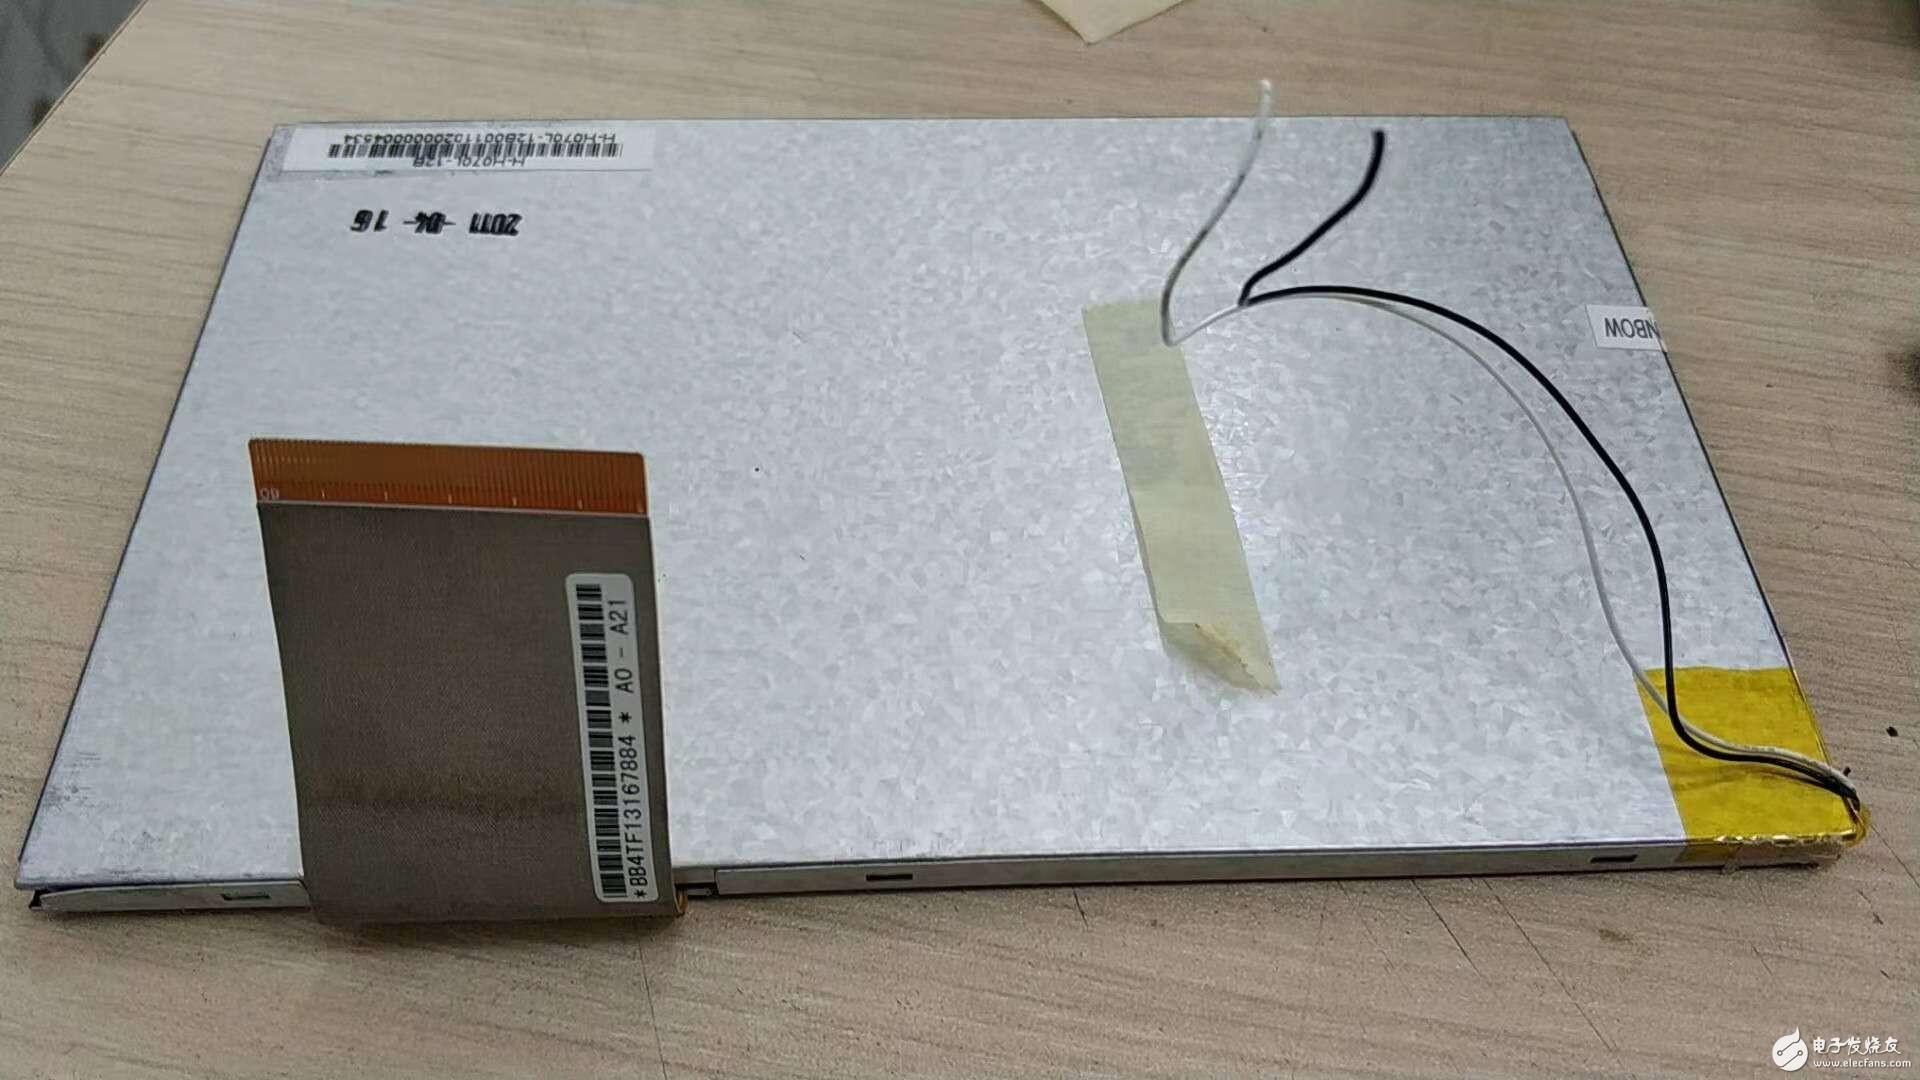 拆了个触摸屏的导航仪屏,想咨询如何连接HDMI接口